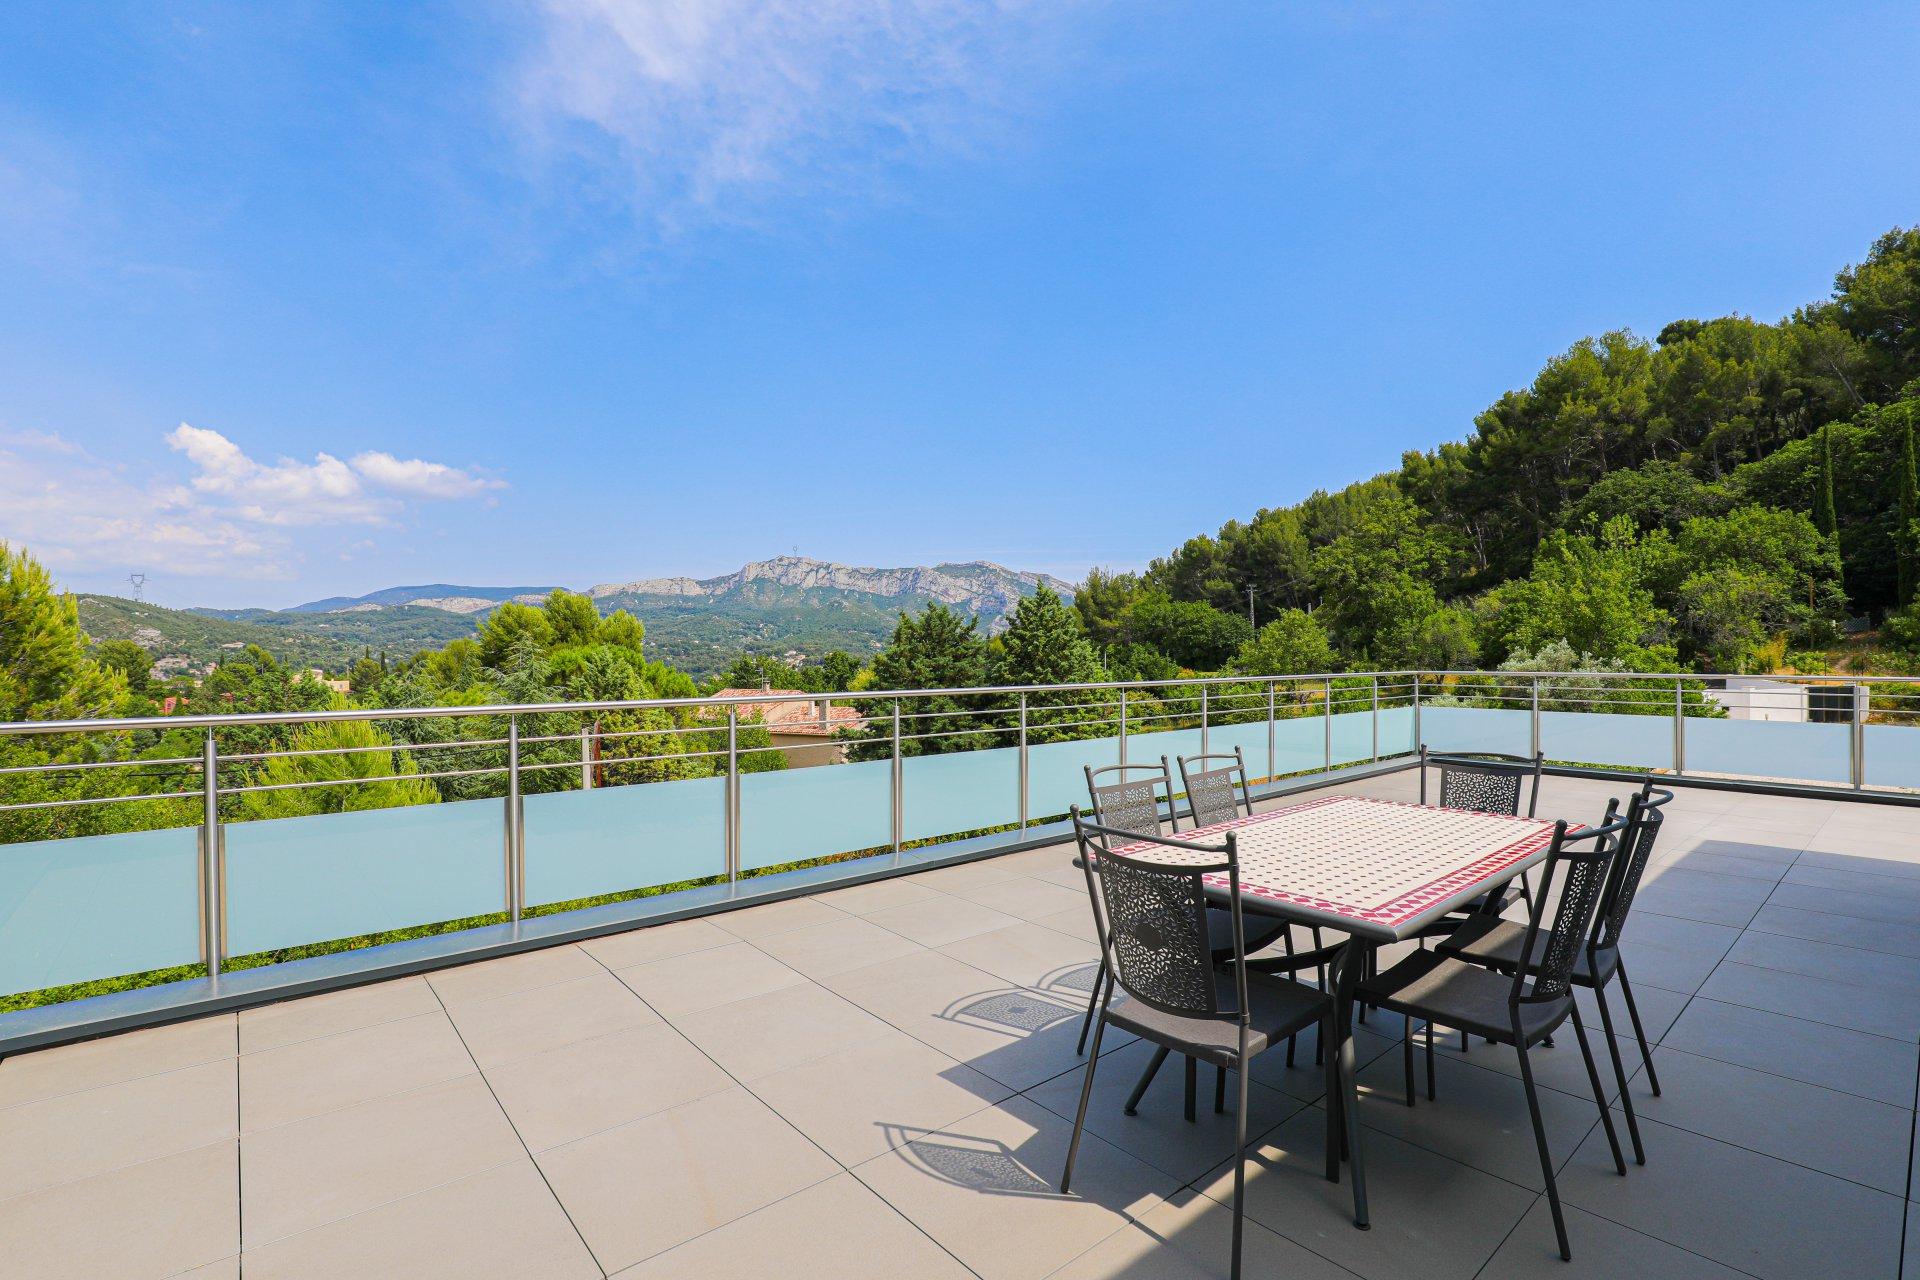 LA NATURE Villa moderne de 160m2 + ss sol - sur Terrain de 2800 m2